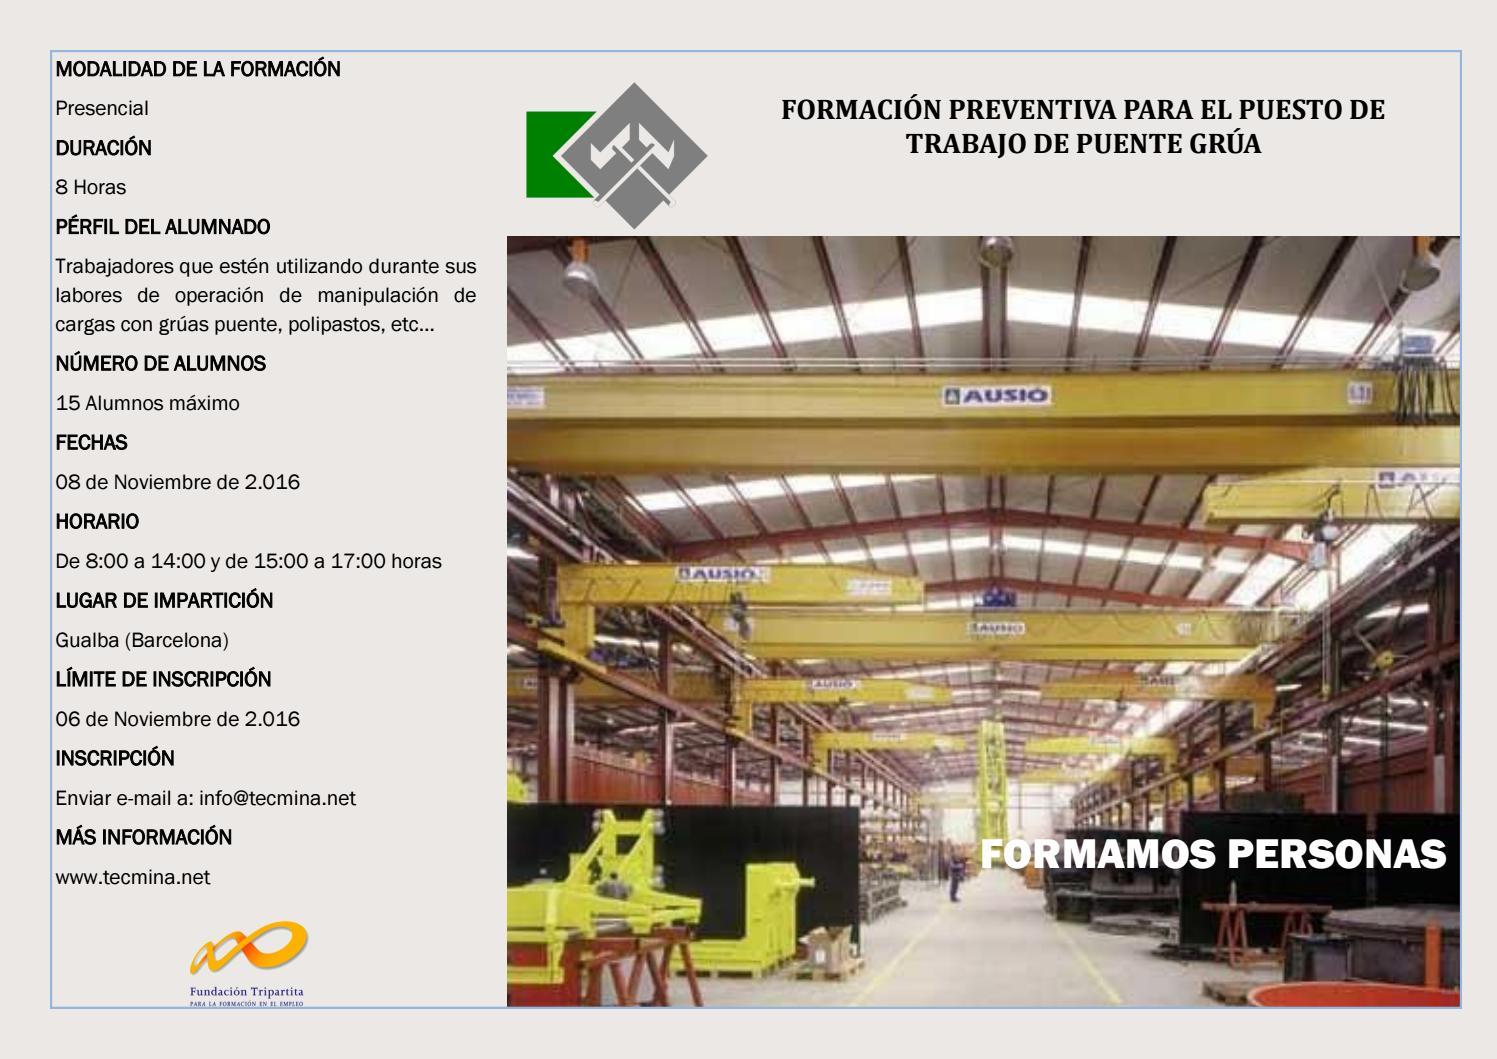 Formacion Preventiva Para El Puesto De Trabajo De Puente Grua By